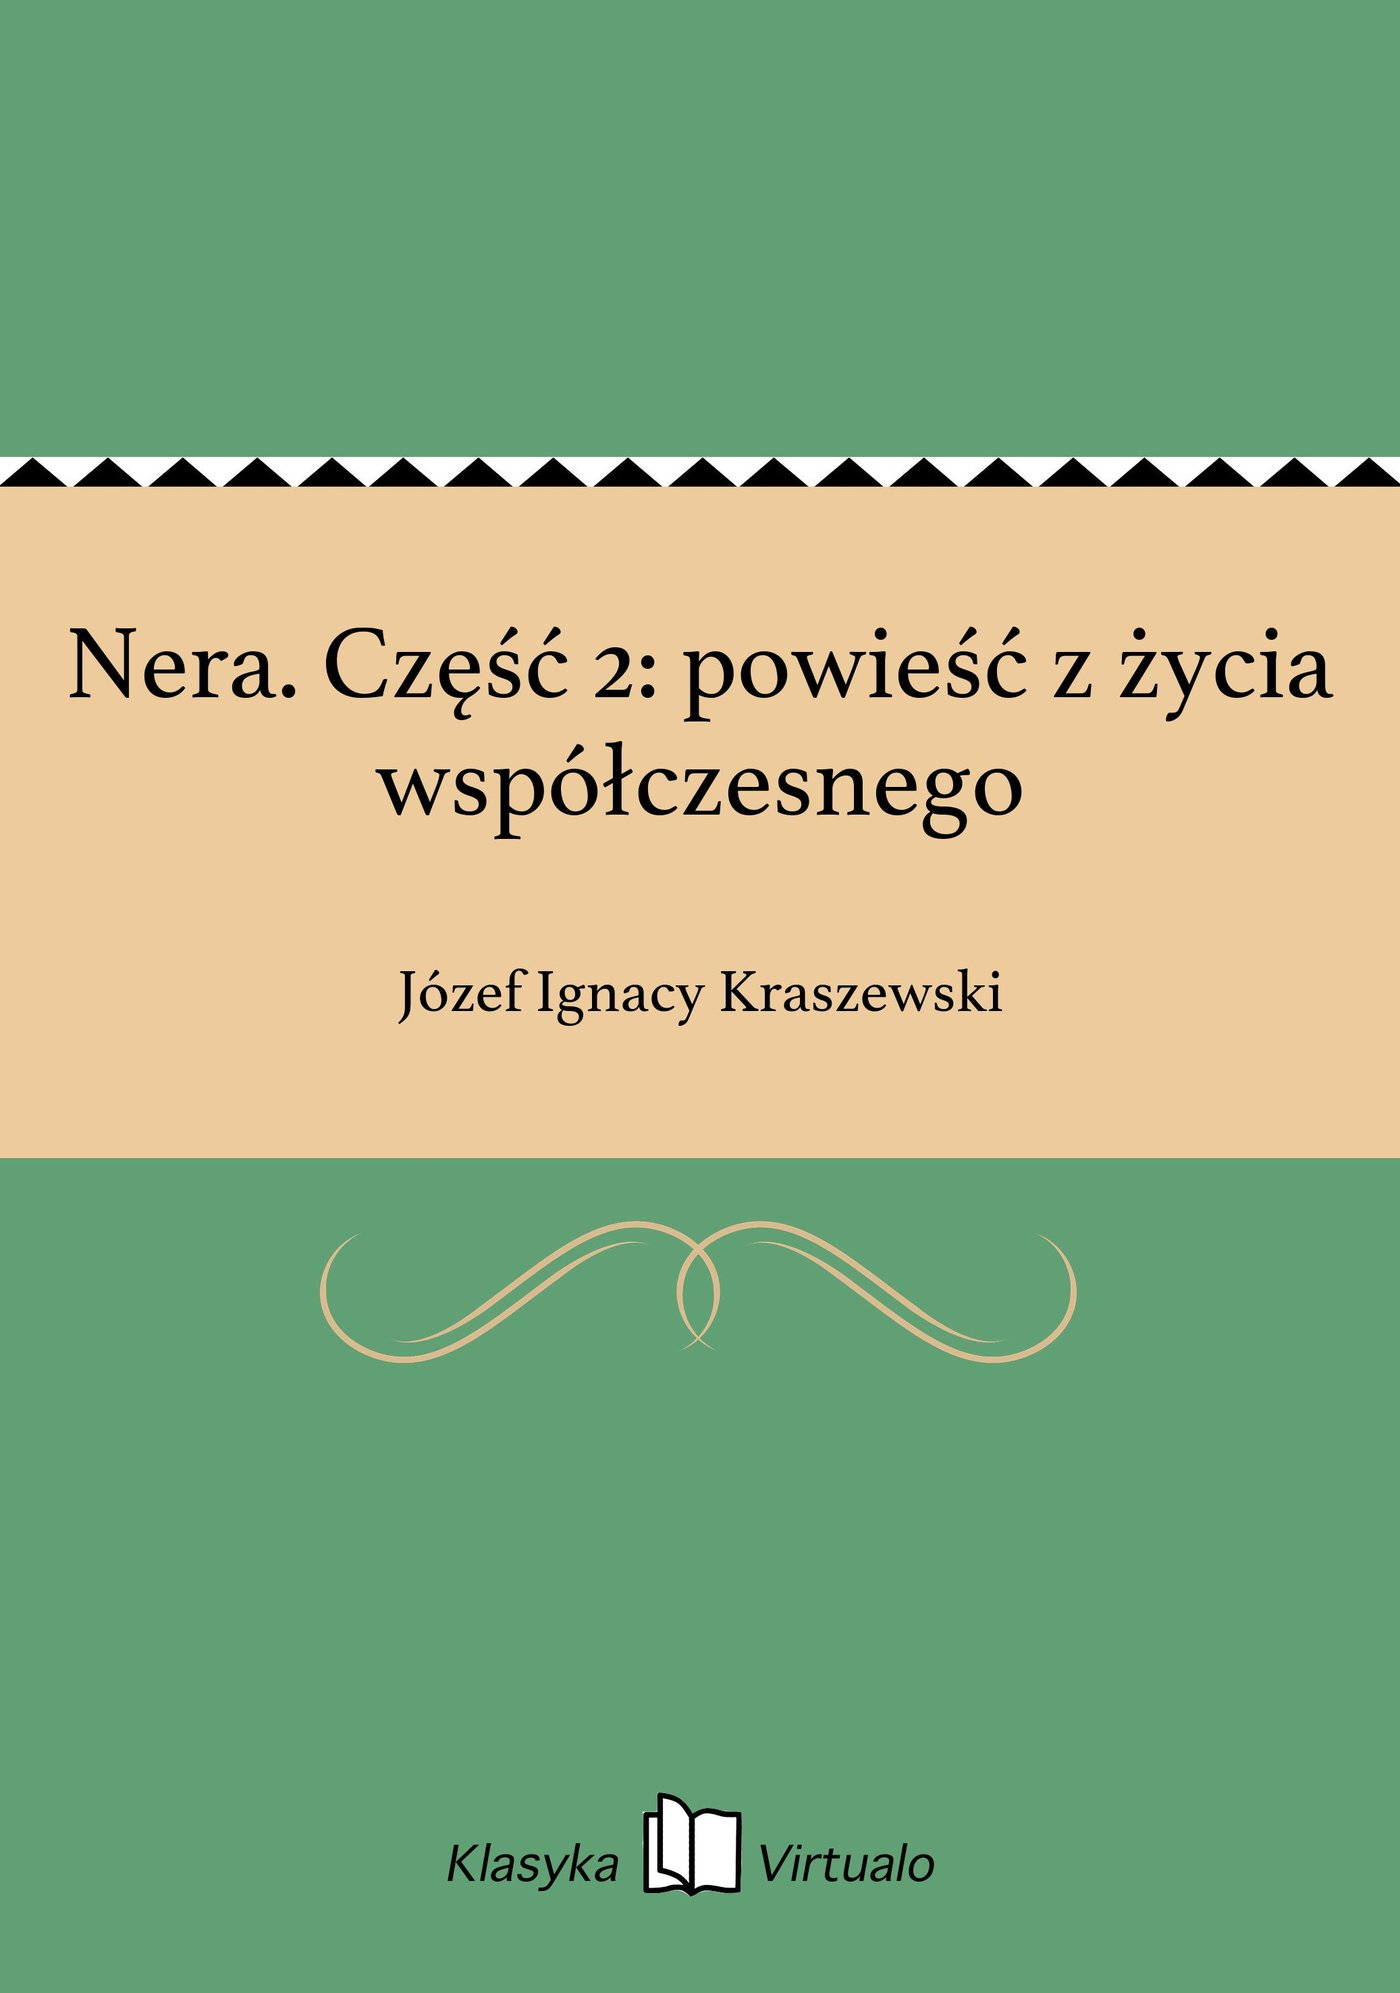 Nera. Część 2: powieść z życia współczesnego - Ebook (Książka EPUB) do pobrania w formacie EPUB